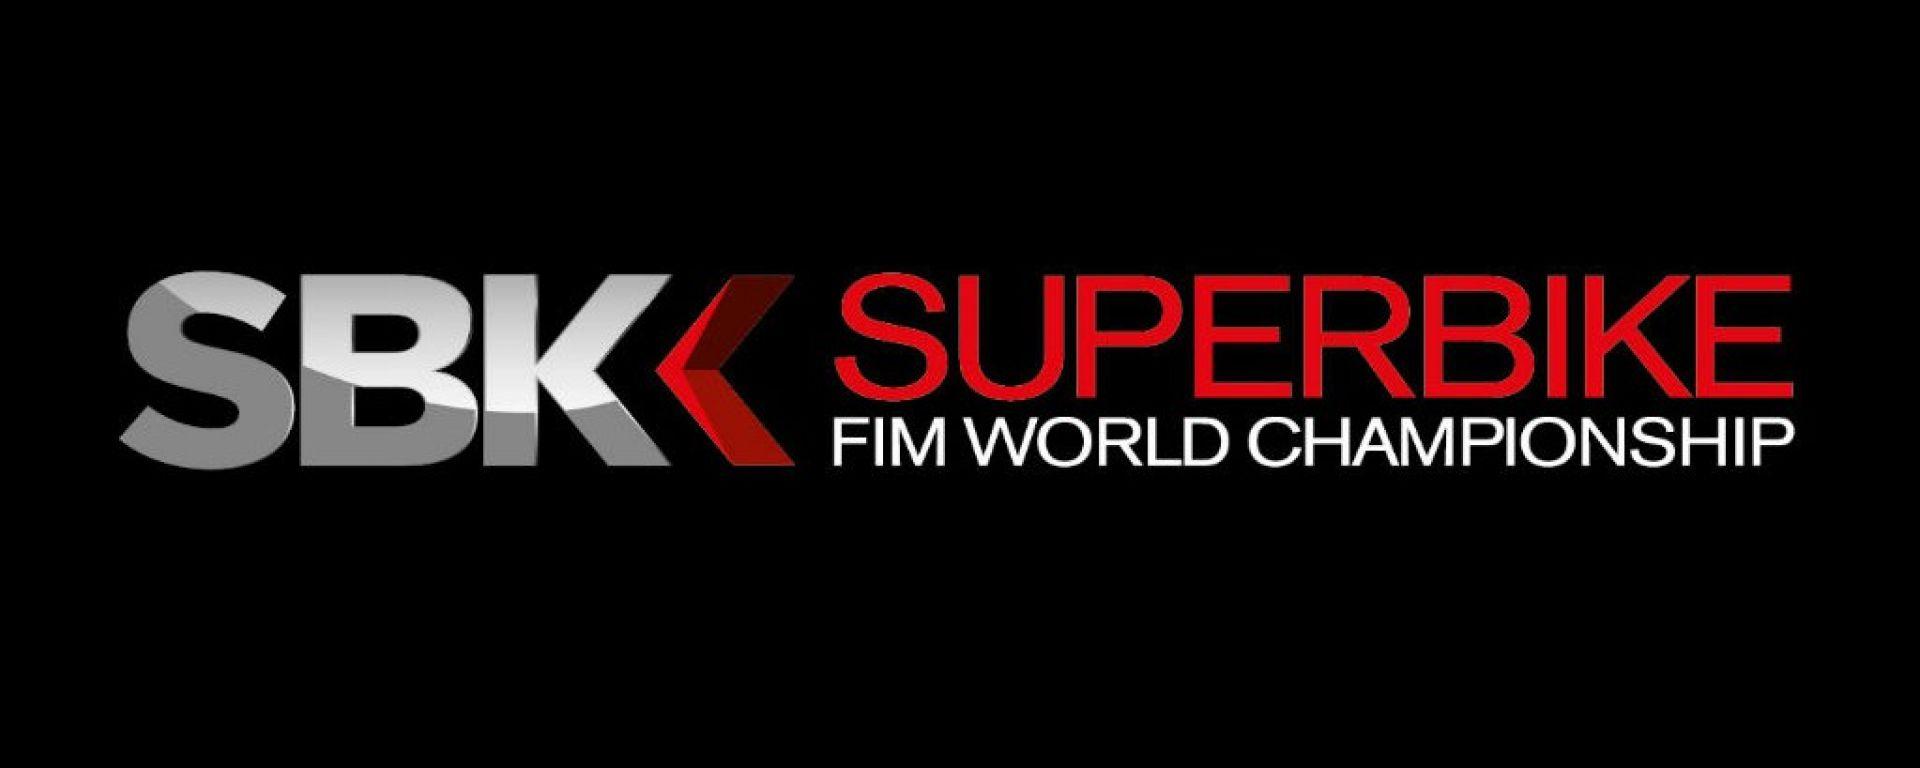 Calendario Superbike 2016: circuiti, date e risultati